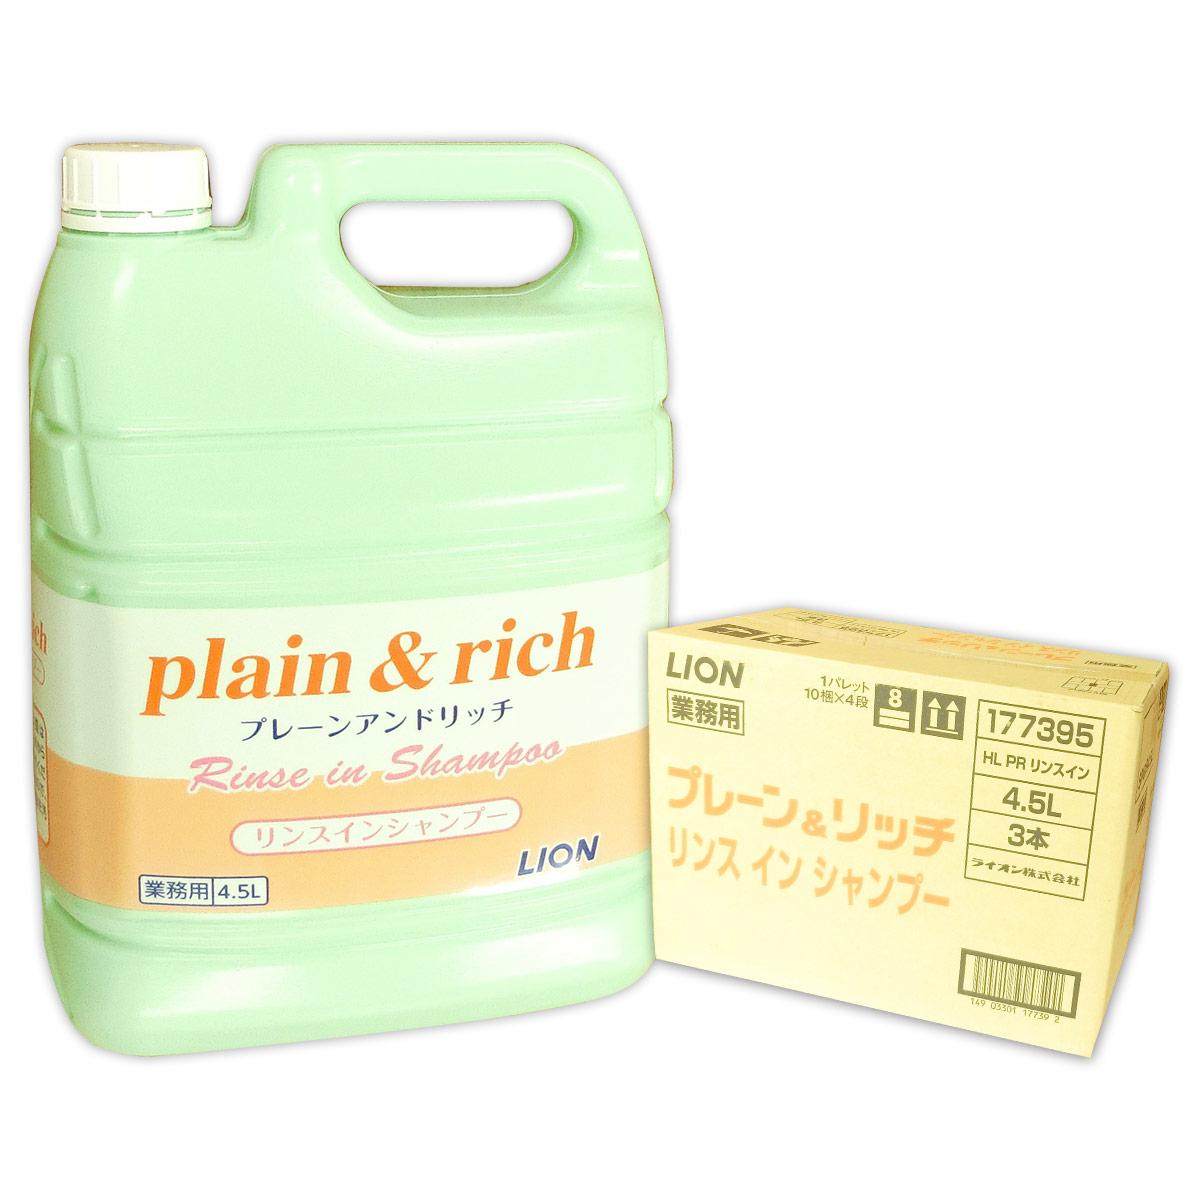 プレーン&リッチ リンスインシャンプー 4.5L × 3本 【ライオン LION 業務用】【177395】